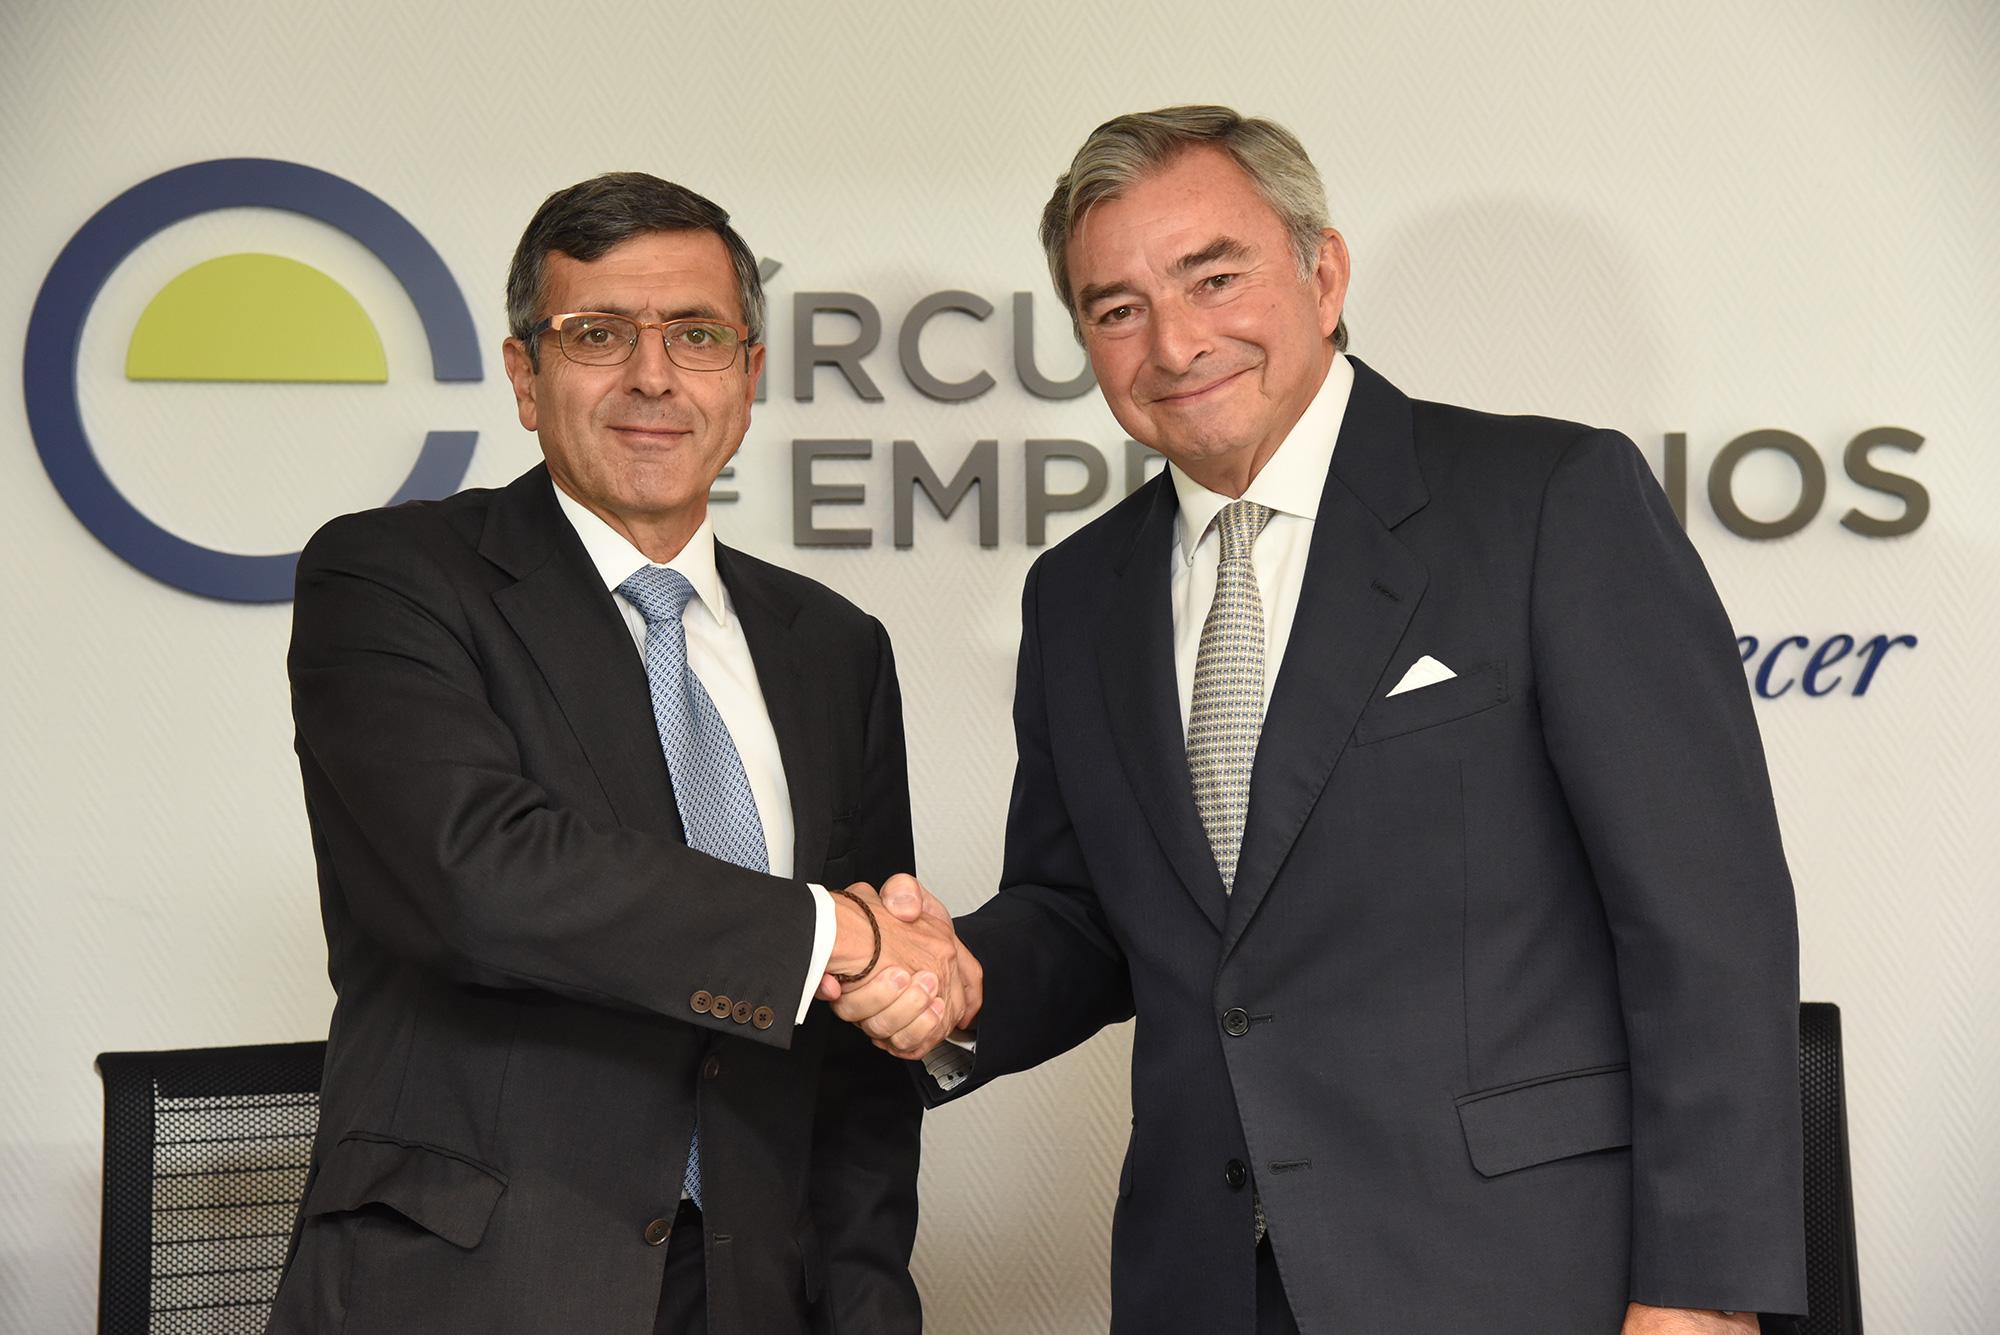 Círculo de empresarios y Fundación SERES firman un acuerdo de colaboración para potenciar el compromiso de las empresas con la sociedad